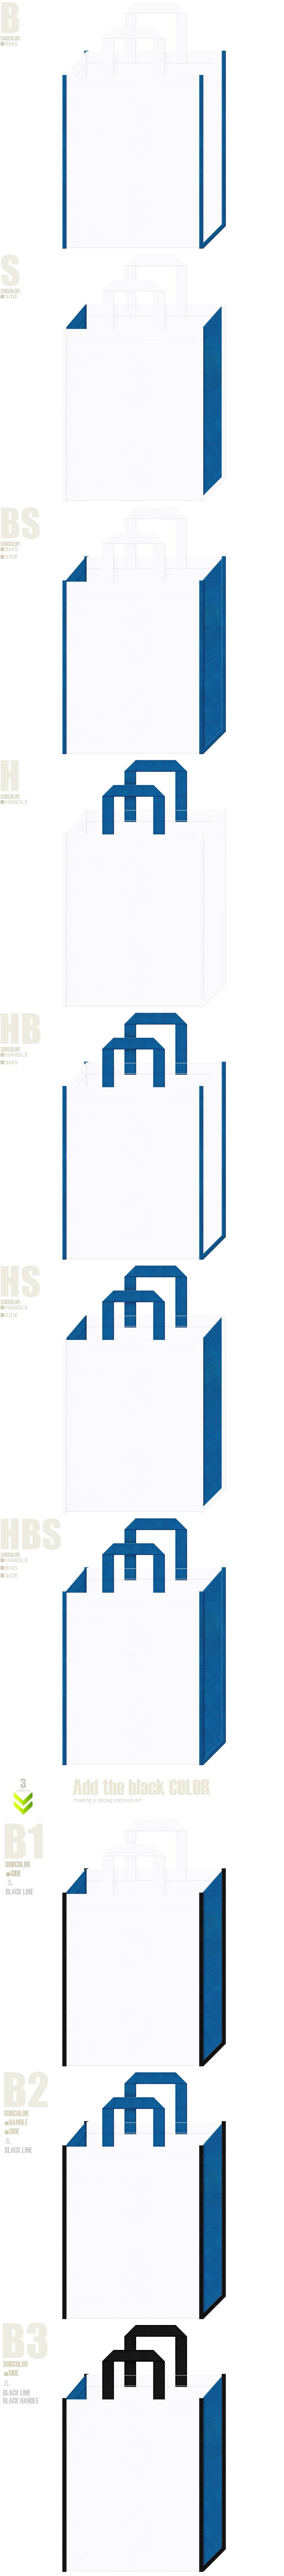 展示会用バッグ・スポーツイベント・サマーイベント・アクアリウム・ビーチ用品・DHA・水と環境・水資源・CO2削減・環境セミナー・環境イベント・ボート・ヨット・飛行機・IT・AI・LED・IOT・センサー・電子部品・ロボット・ラジコン・道路標識・水素自動車・ドライブレコーダー・防犯カメラ・セキュリティ・理学部・工学部・水産・学校・学園・オープンキャンパスにお奨めの不織布バッグデザイン:白色と青色のコーデ10パターン